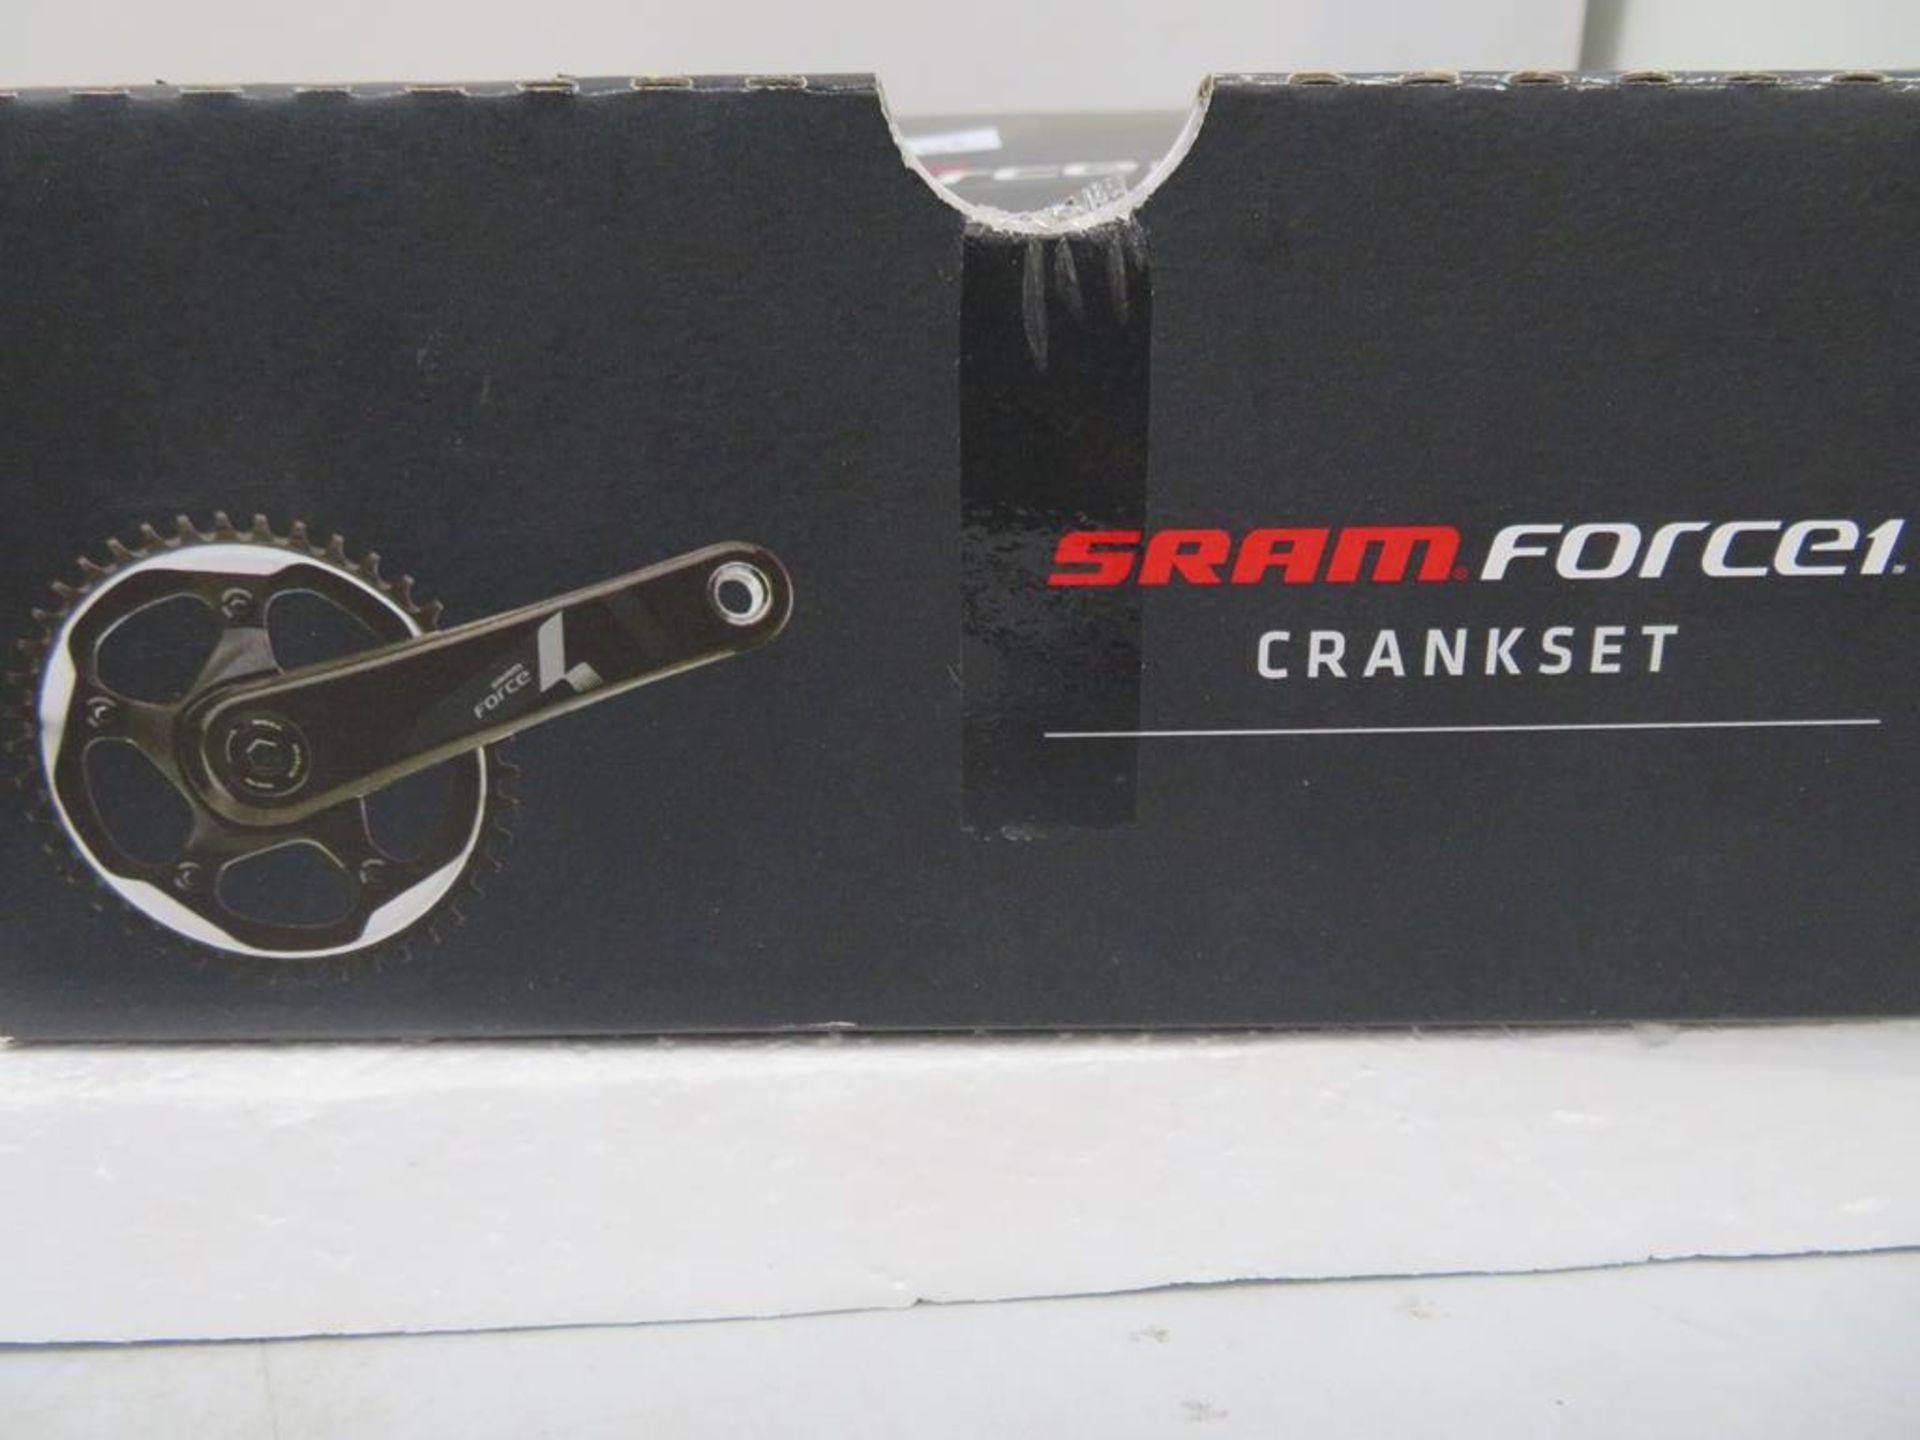 Lot 52 - Sram Force 1 GXP 42T Crankset